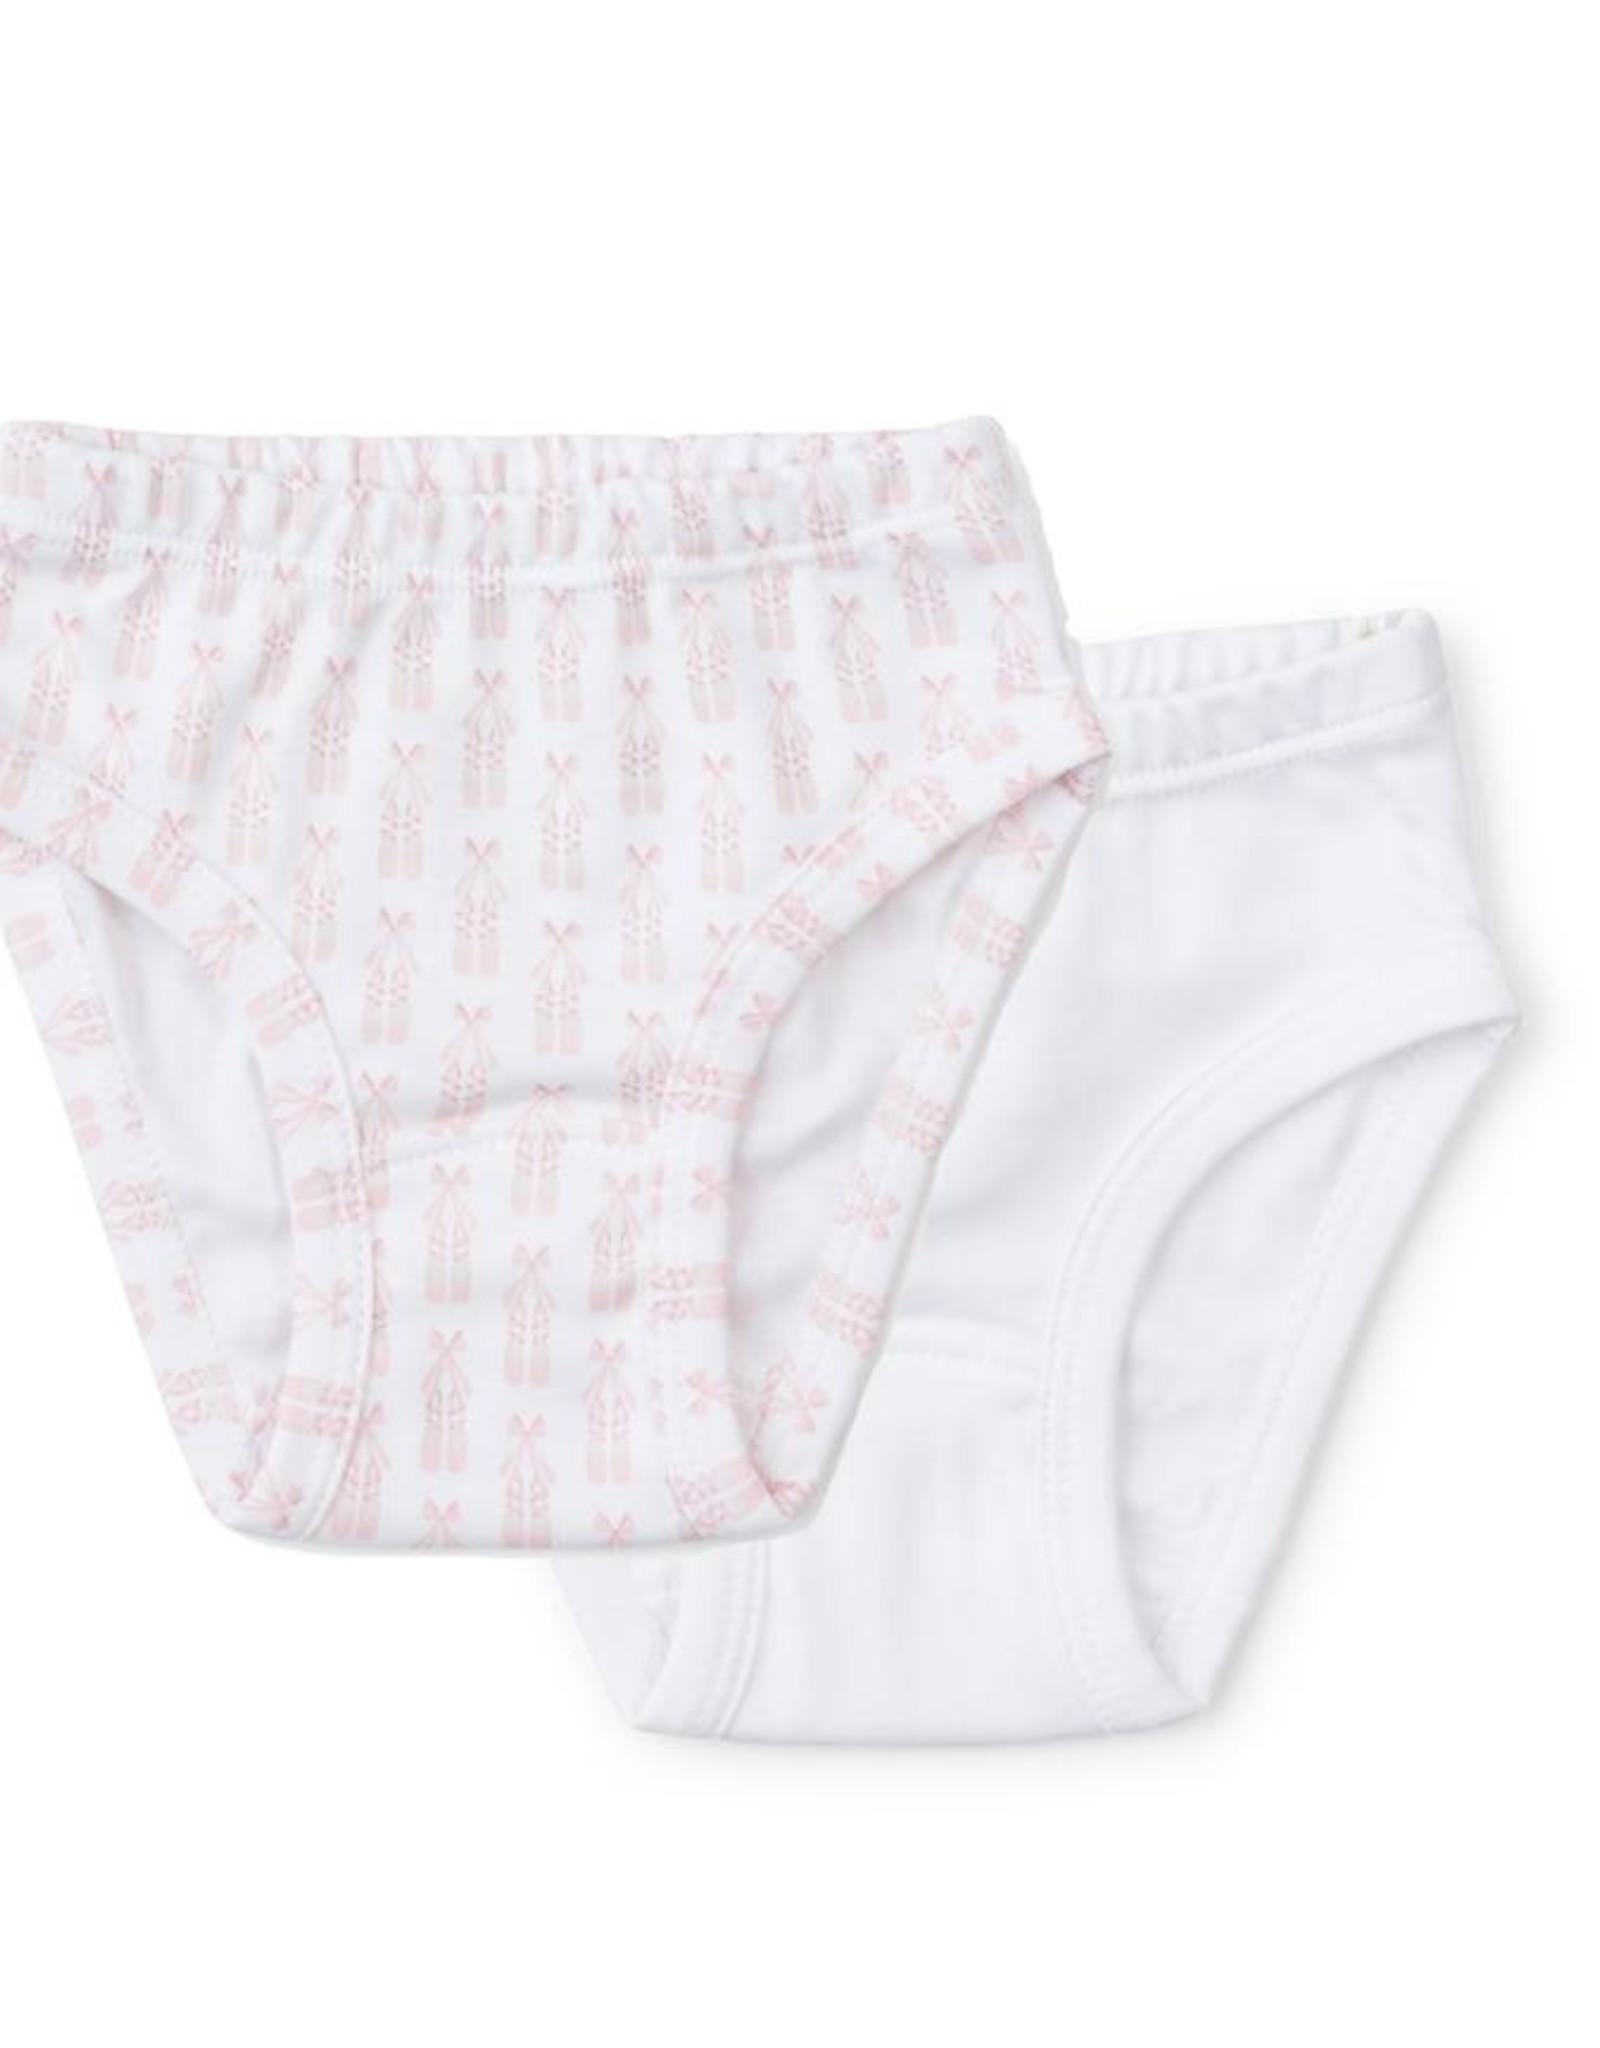 Lila and Hayes Lauren Underwear Ballerina/White